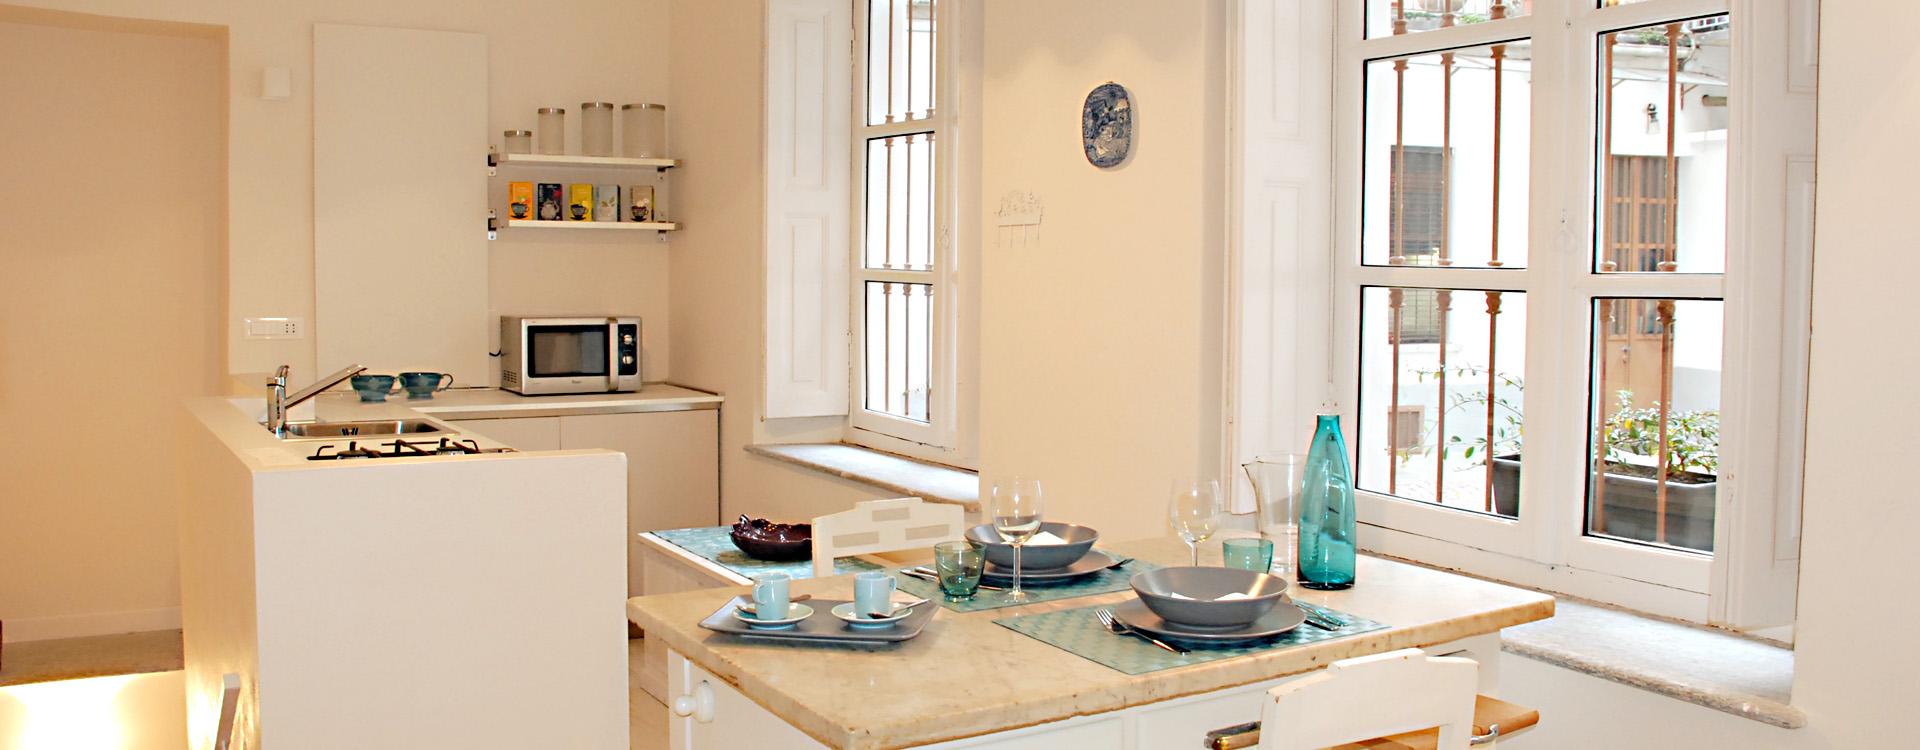 Maison mol appartamento affitti brevi torino for Affitti arredati torino